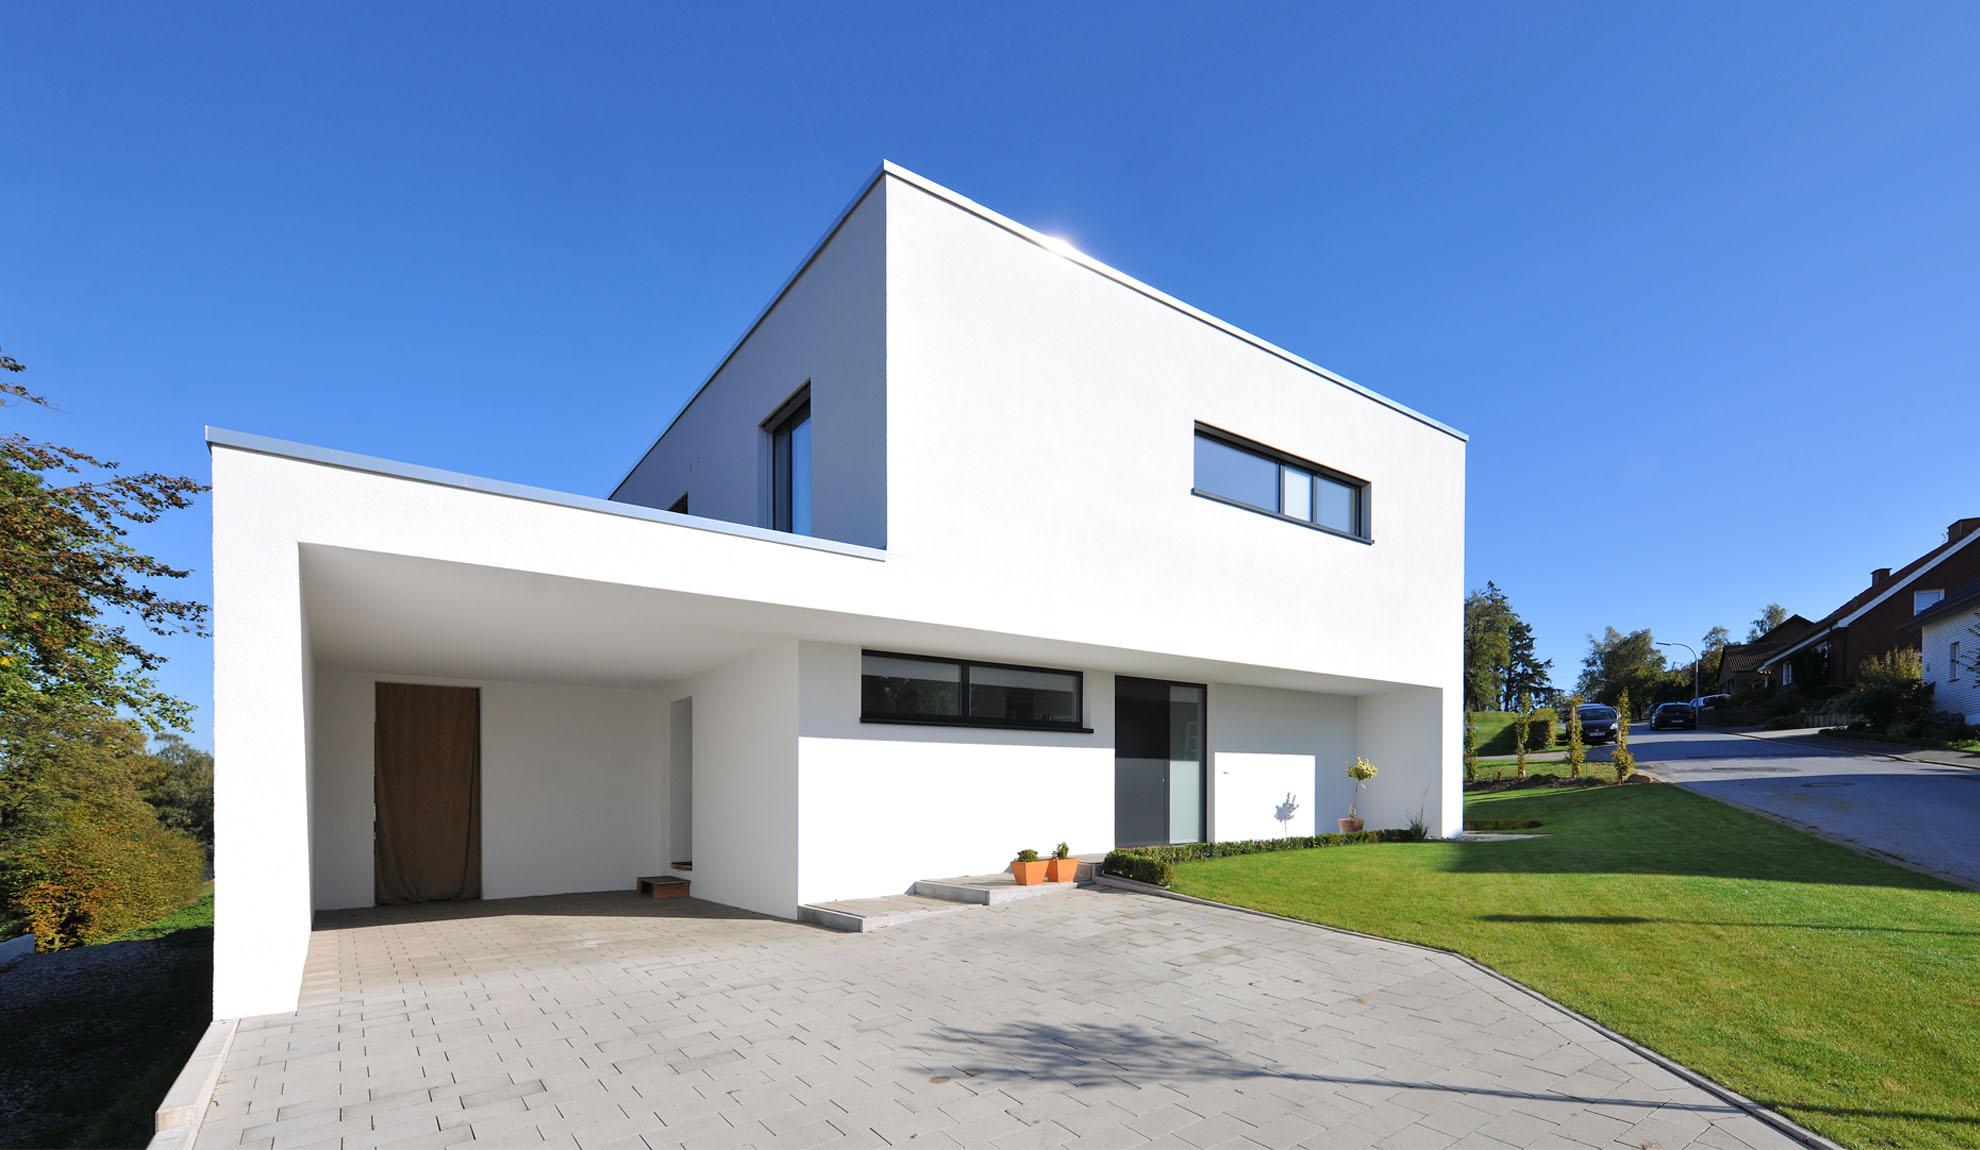 Haus Reinke - Architekten Spiekermann